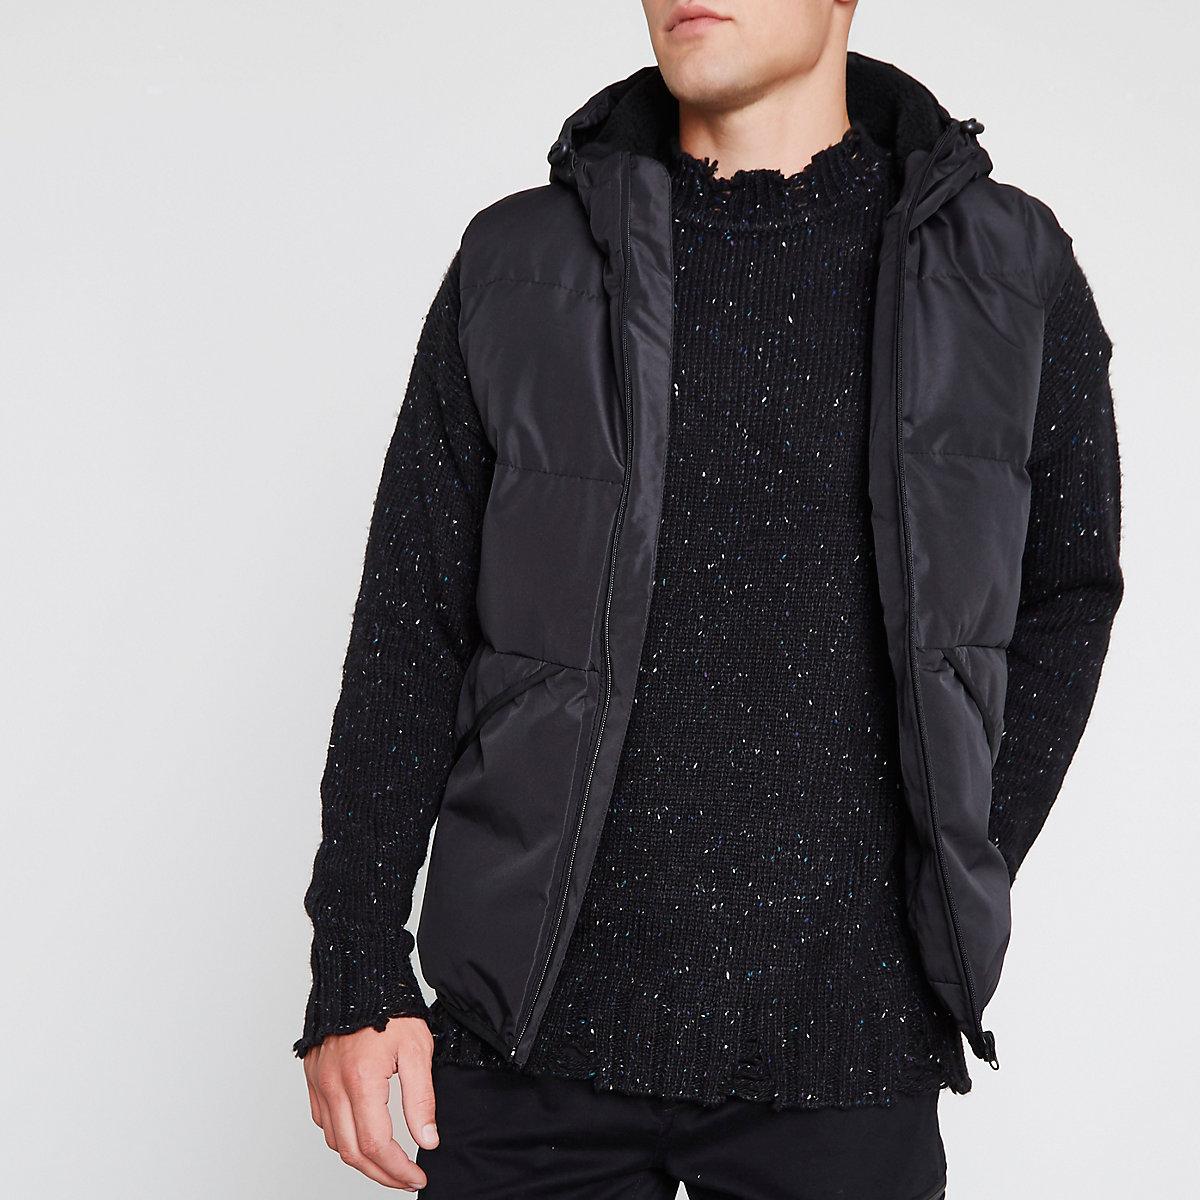 Black hooded puffer gilet